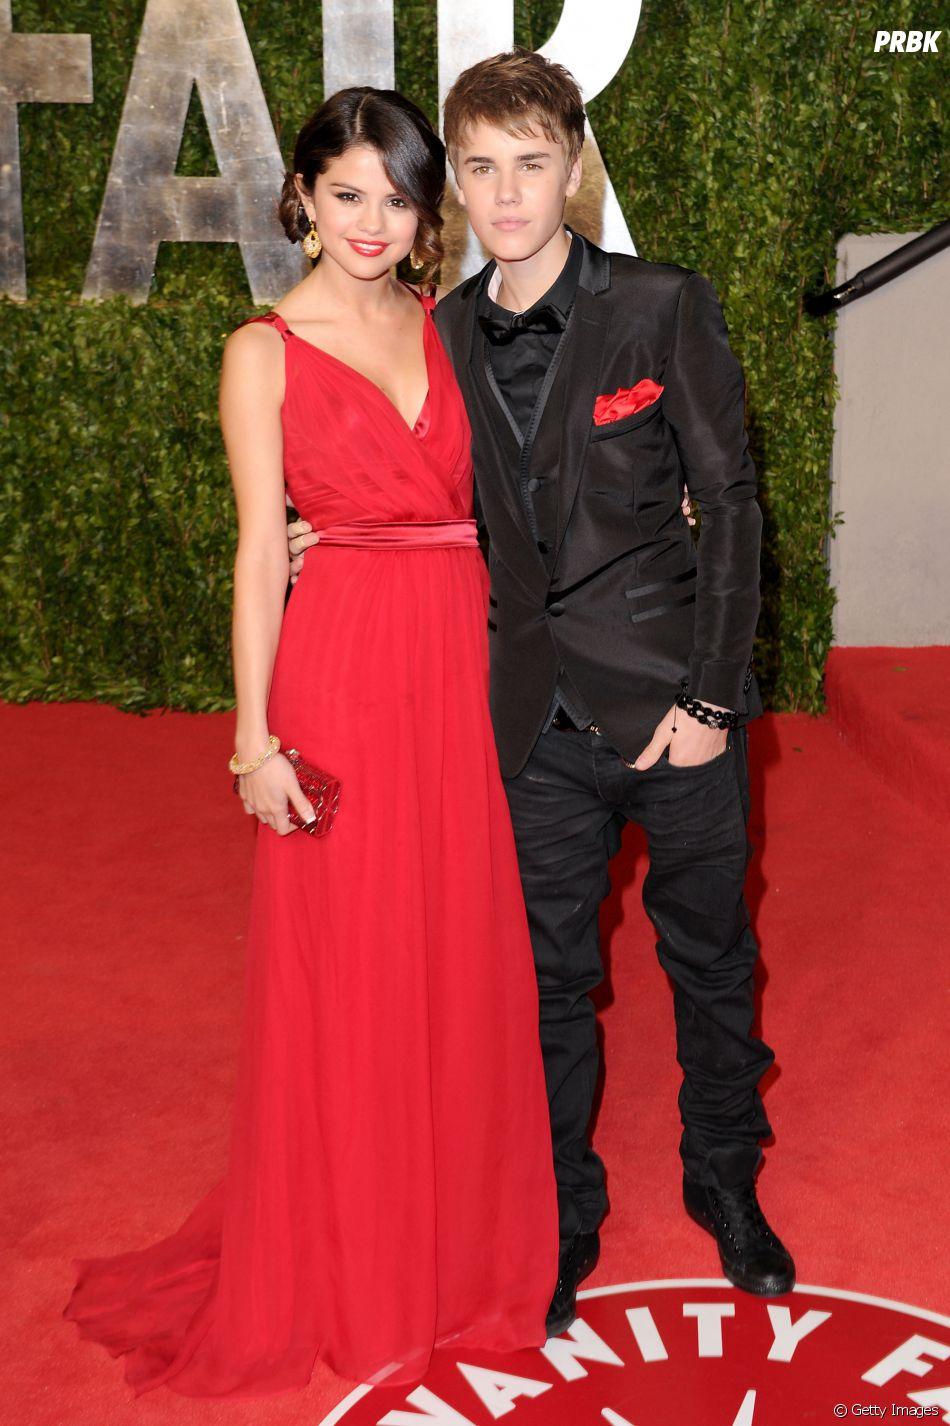 Mas o fato é que Justin Bieber e Selena Gomez super combinavam, bem    que esses dois poderiam voltar!